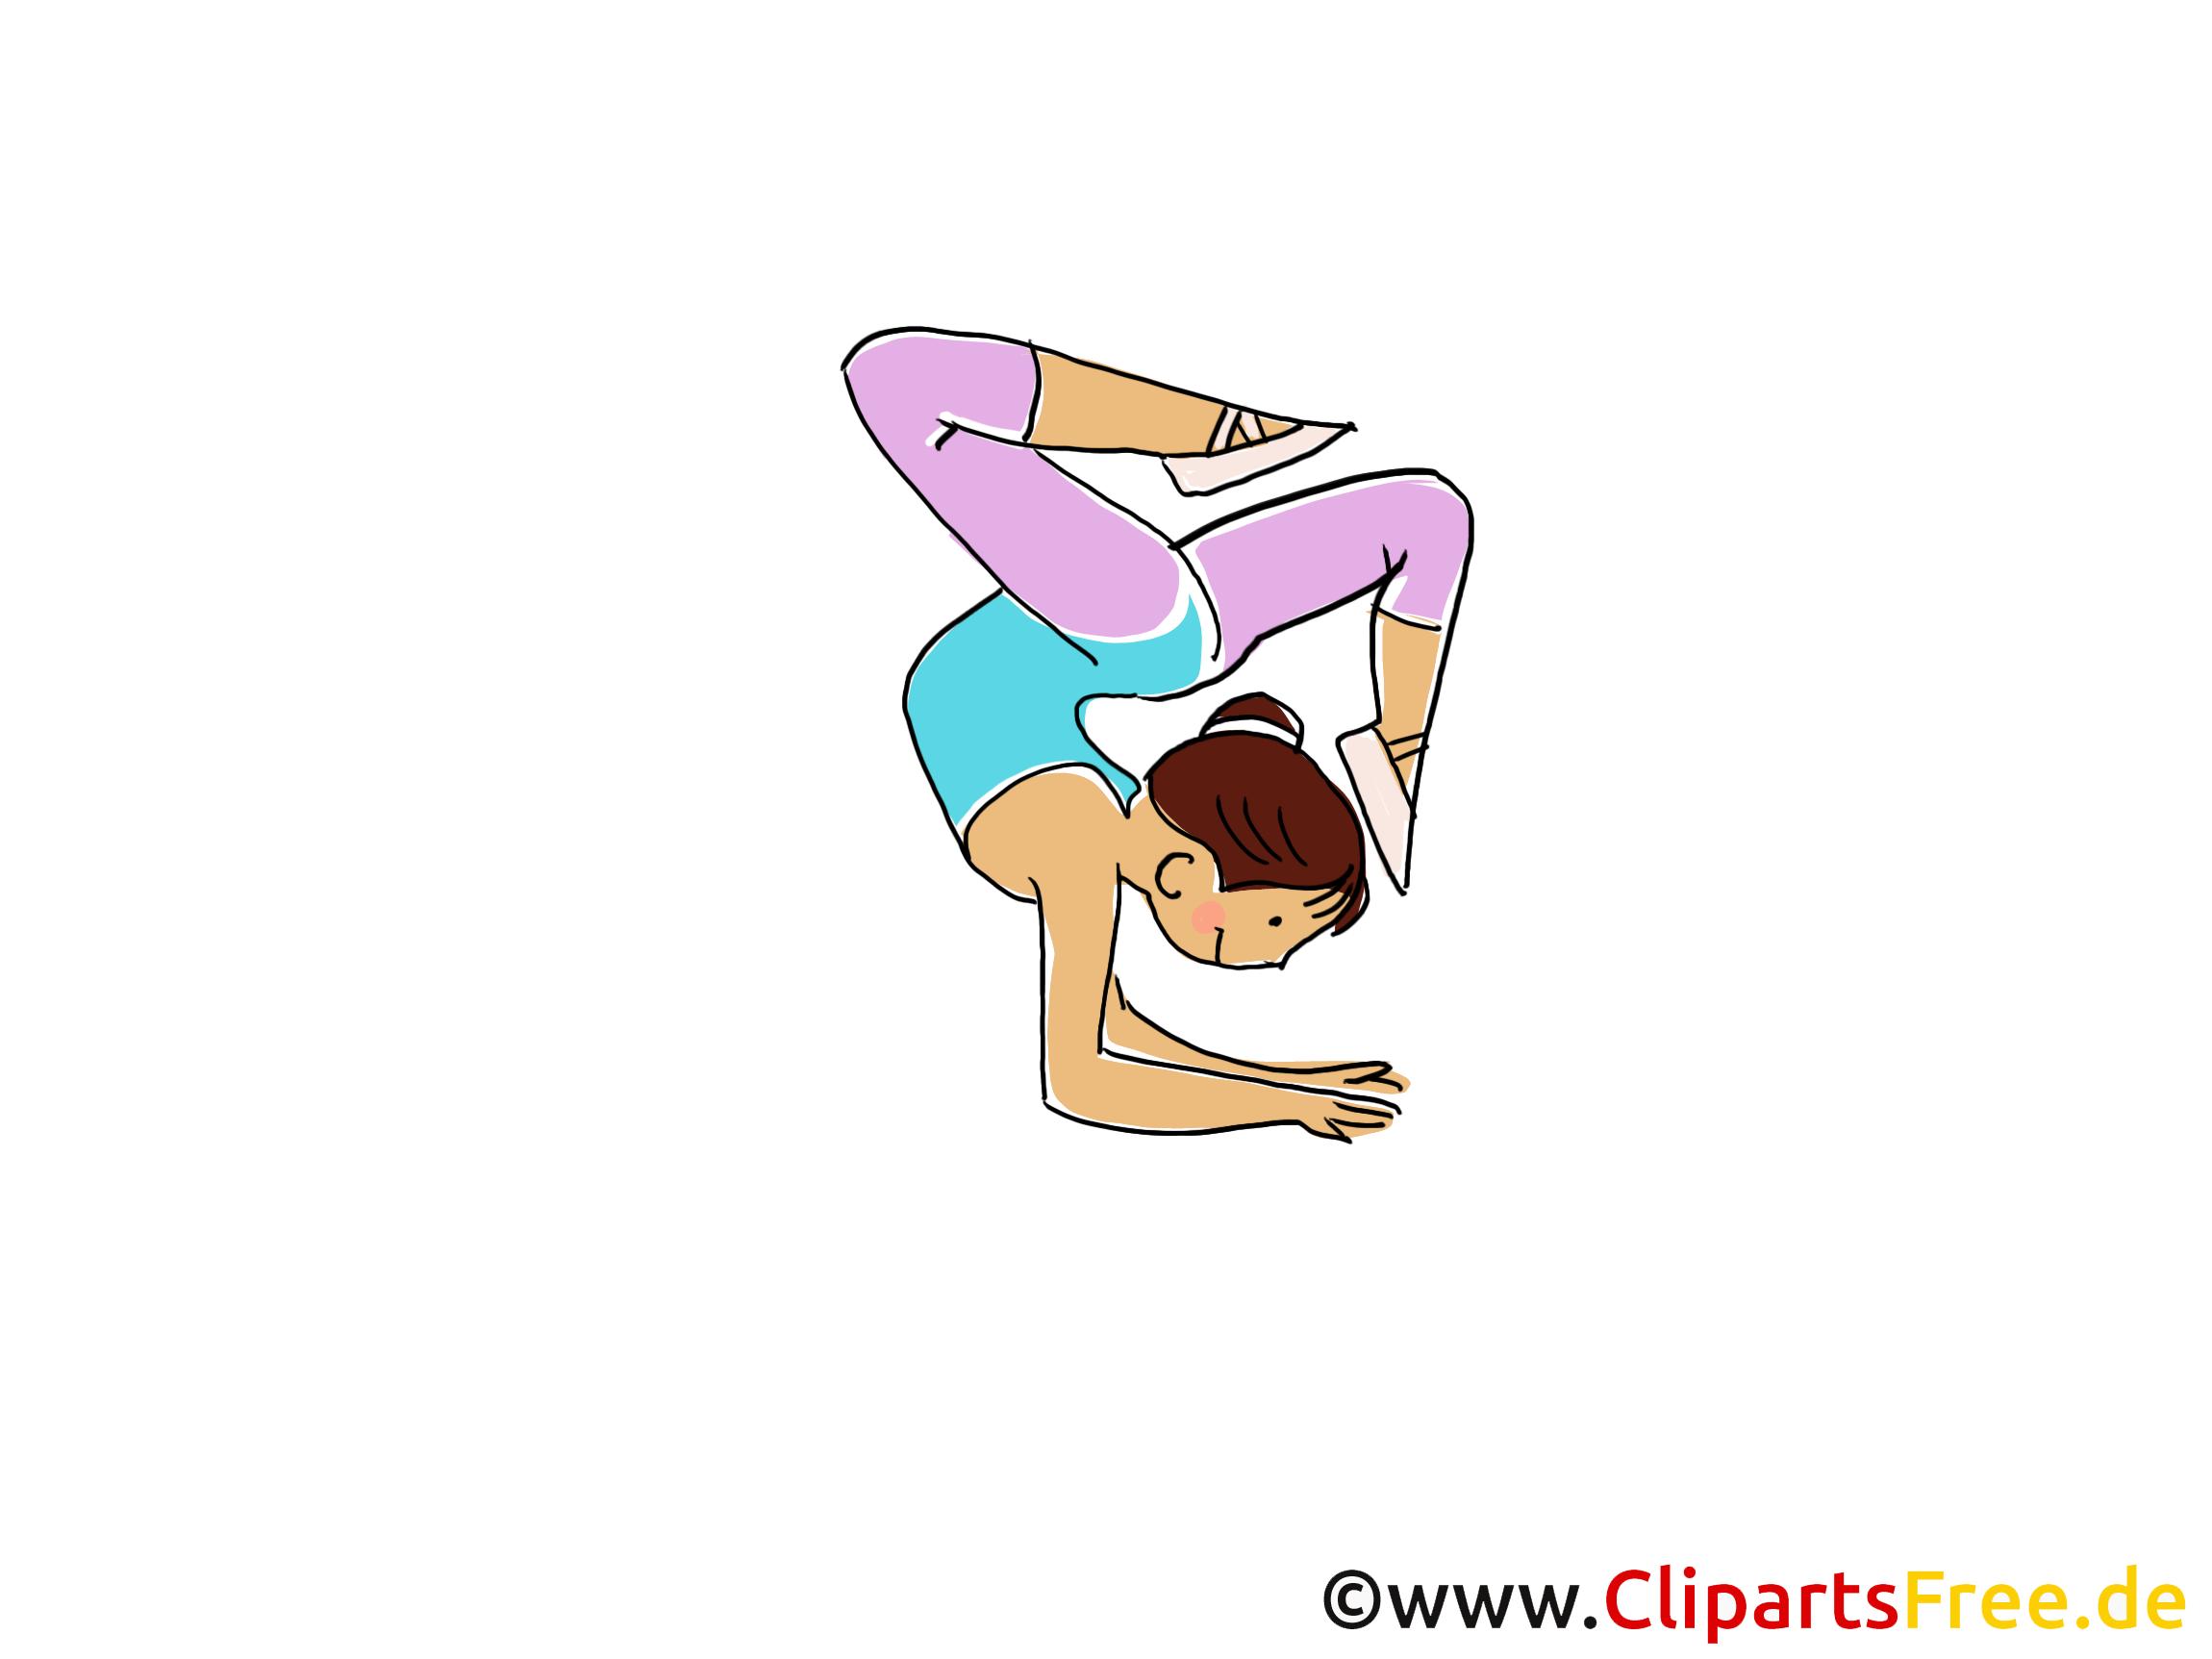 Clipartfest fitness . Clipart hippie gratuit